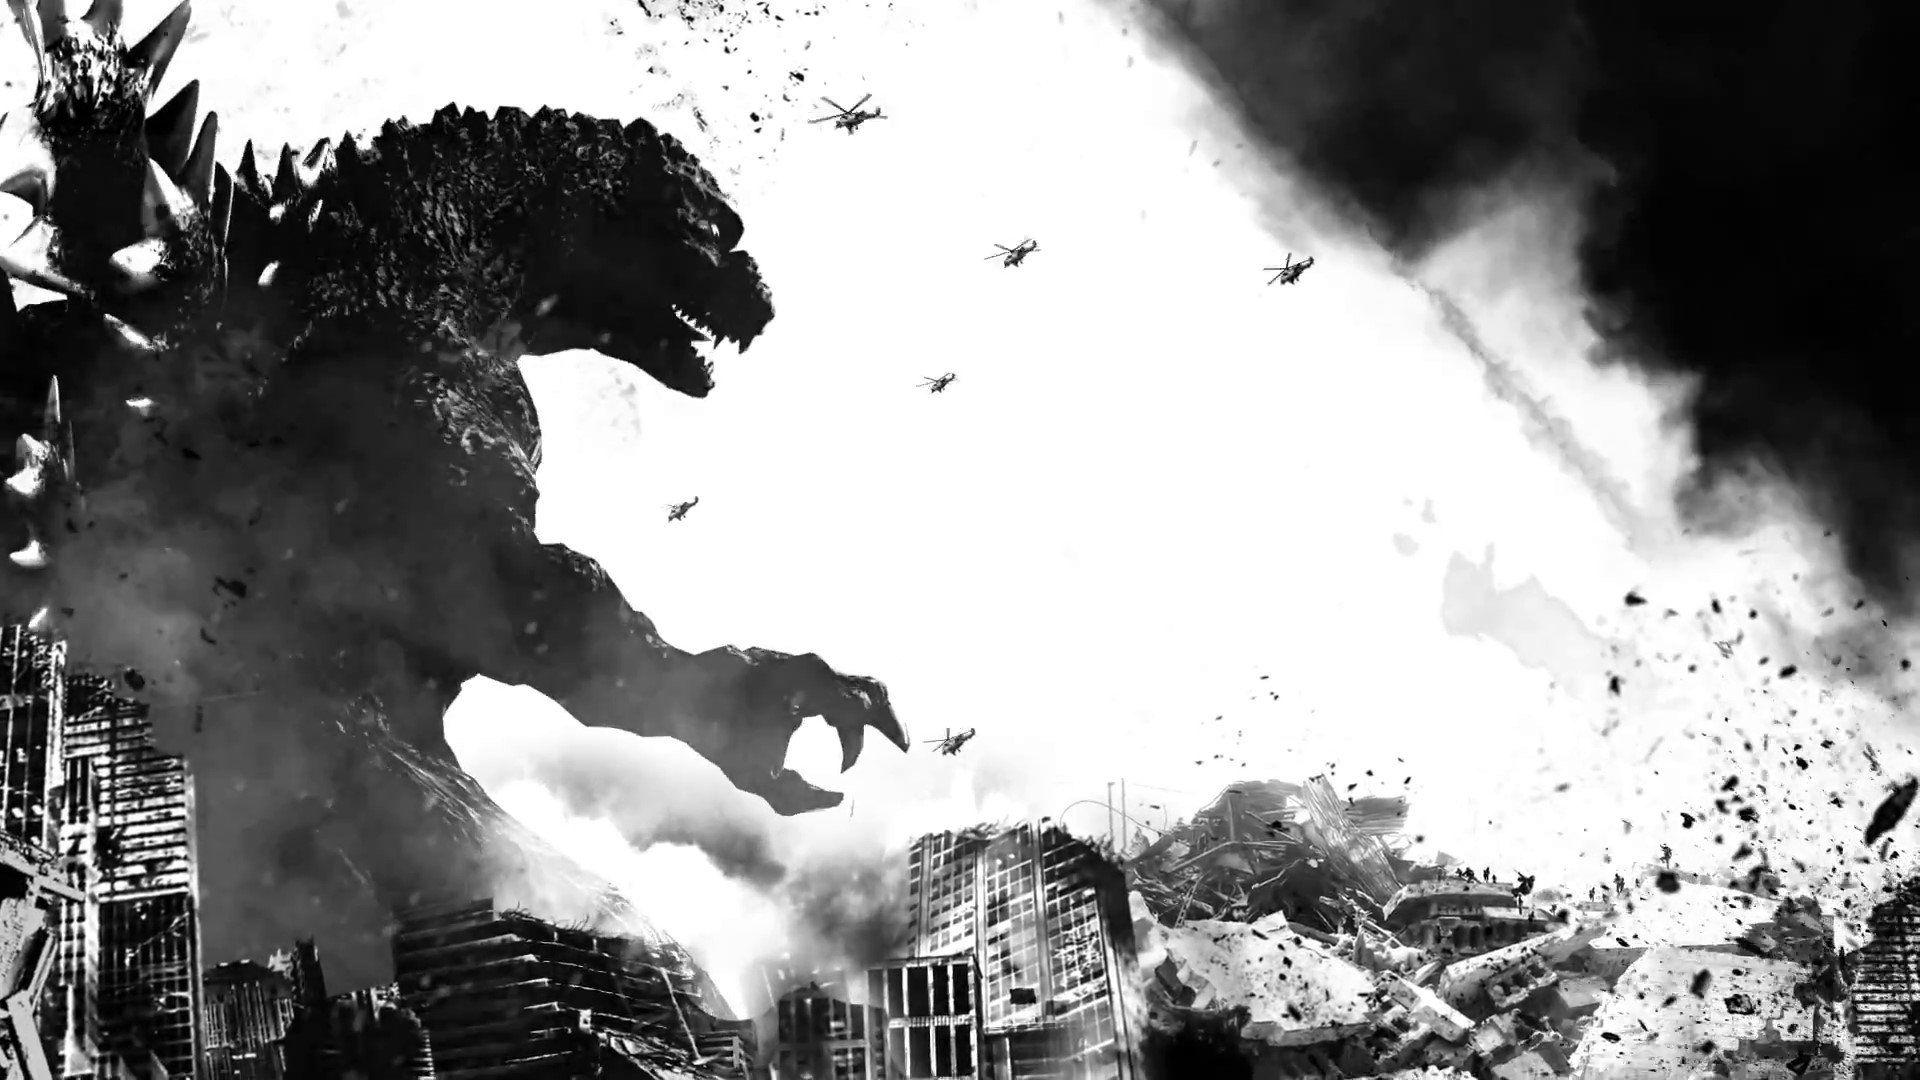 Godzilla King Of The Monsters HD Glamorous Wallpaper Free